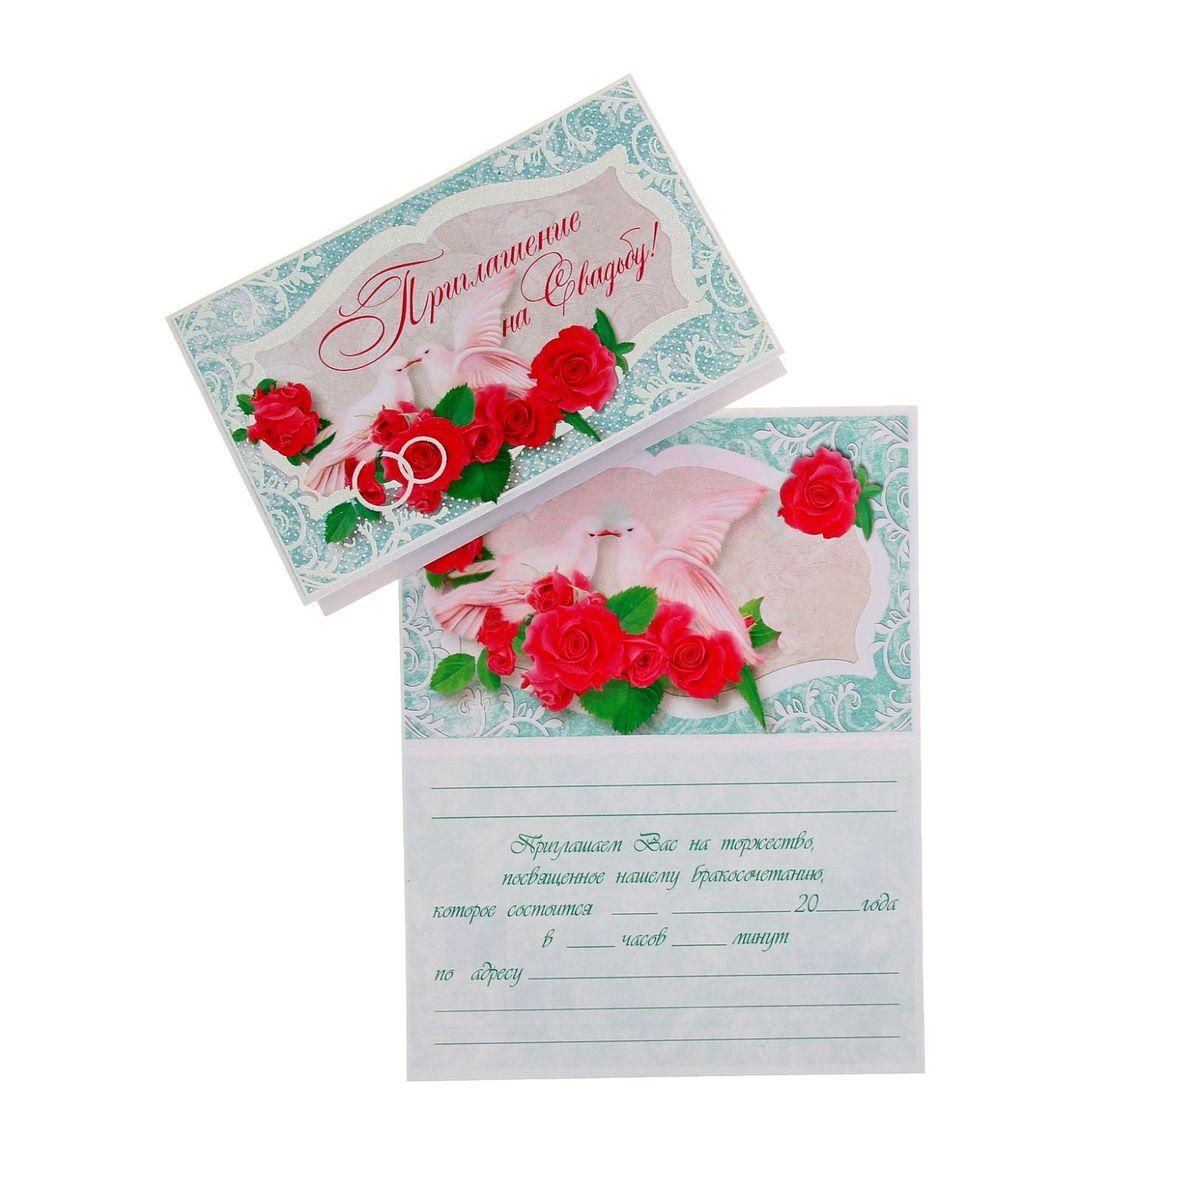 Приглашение на свадьбу Русский дизайн Голуби и розы, 18 х 14 см1149927Красивая свадебная пригласительная открытка станет незаменимым атрибутом подготовки к предстоящему торжеству и позволит объявить самым дорогим вам людям о важном событии в вашей жизни. Приглашение на свадьбу Русский дизайн Голуби и розы, выполненное из картона, отличается не только оригинальным дизайном, но и высоким качеством. Внутри - текст приглашения. Вам остается заполнить необходимые строки и раздать гостям. Устройте себе незабываемую свадьбу!Размер: 18 х 14 см.